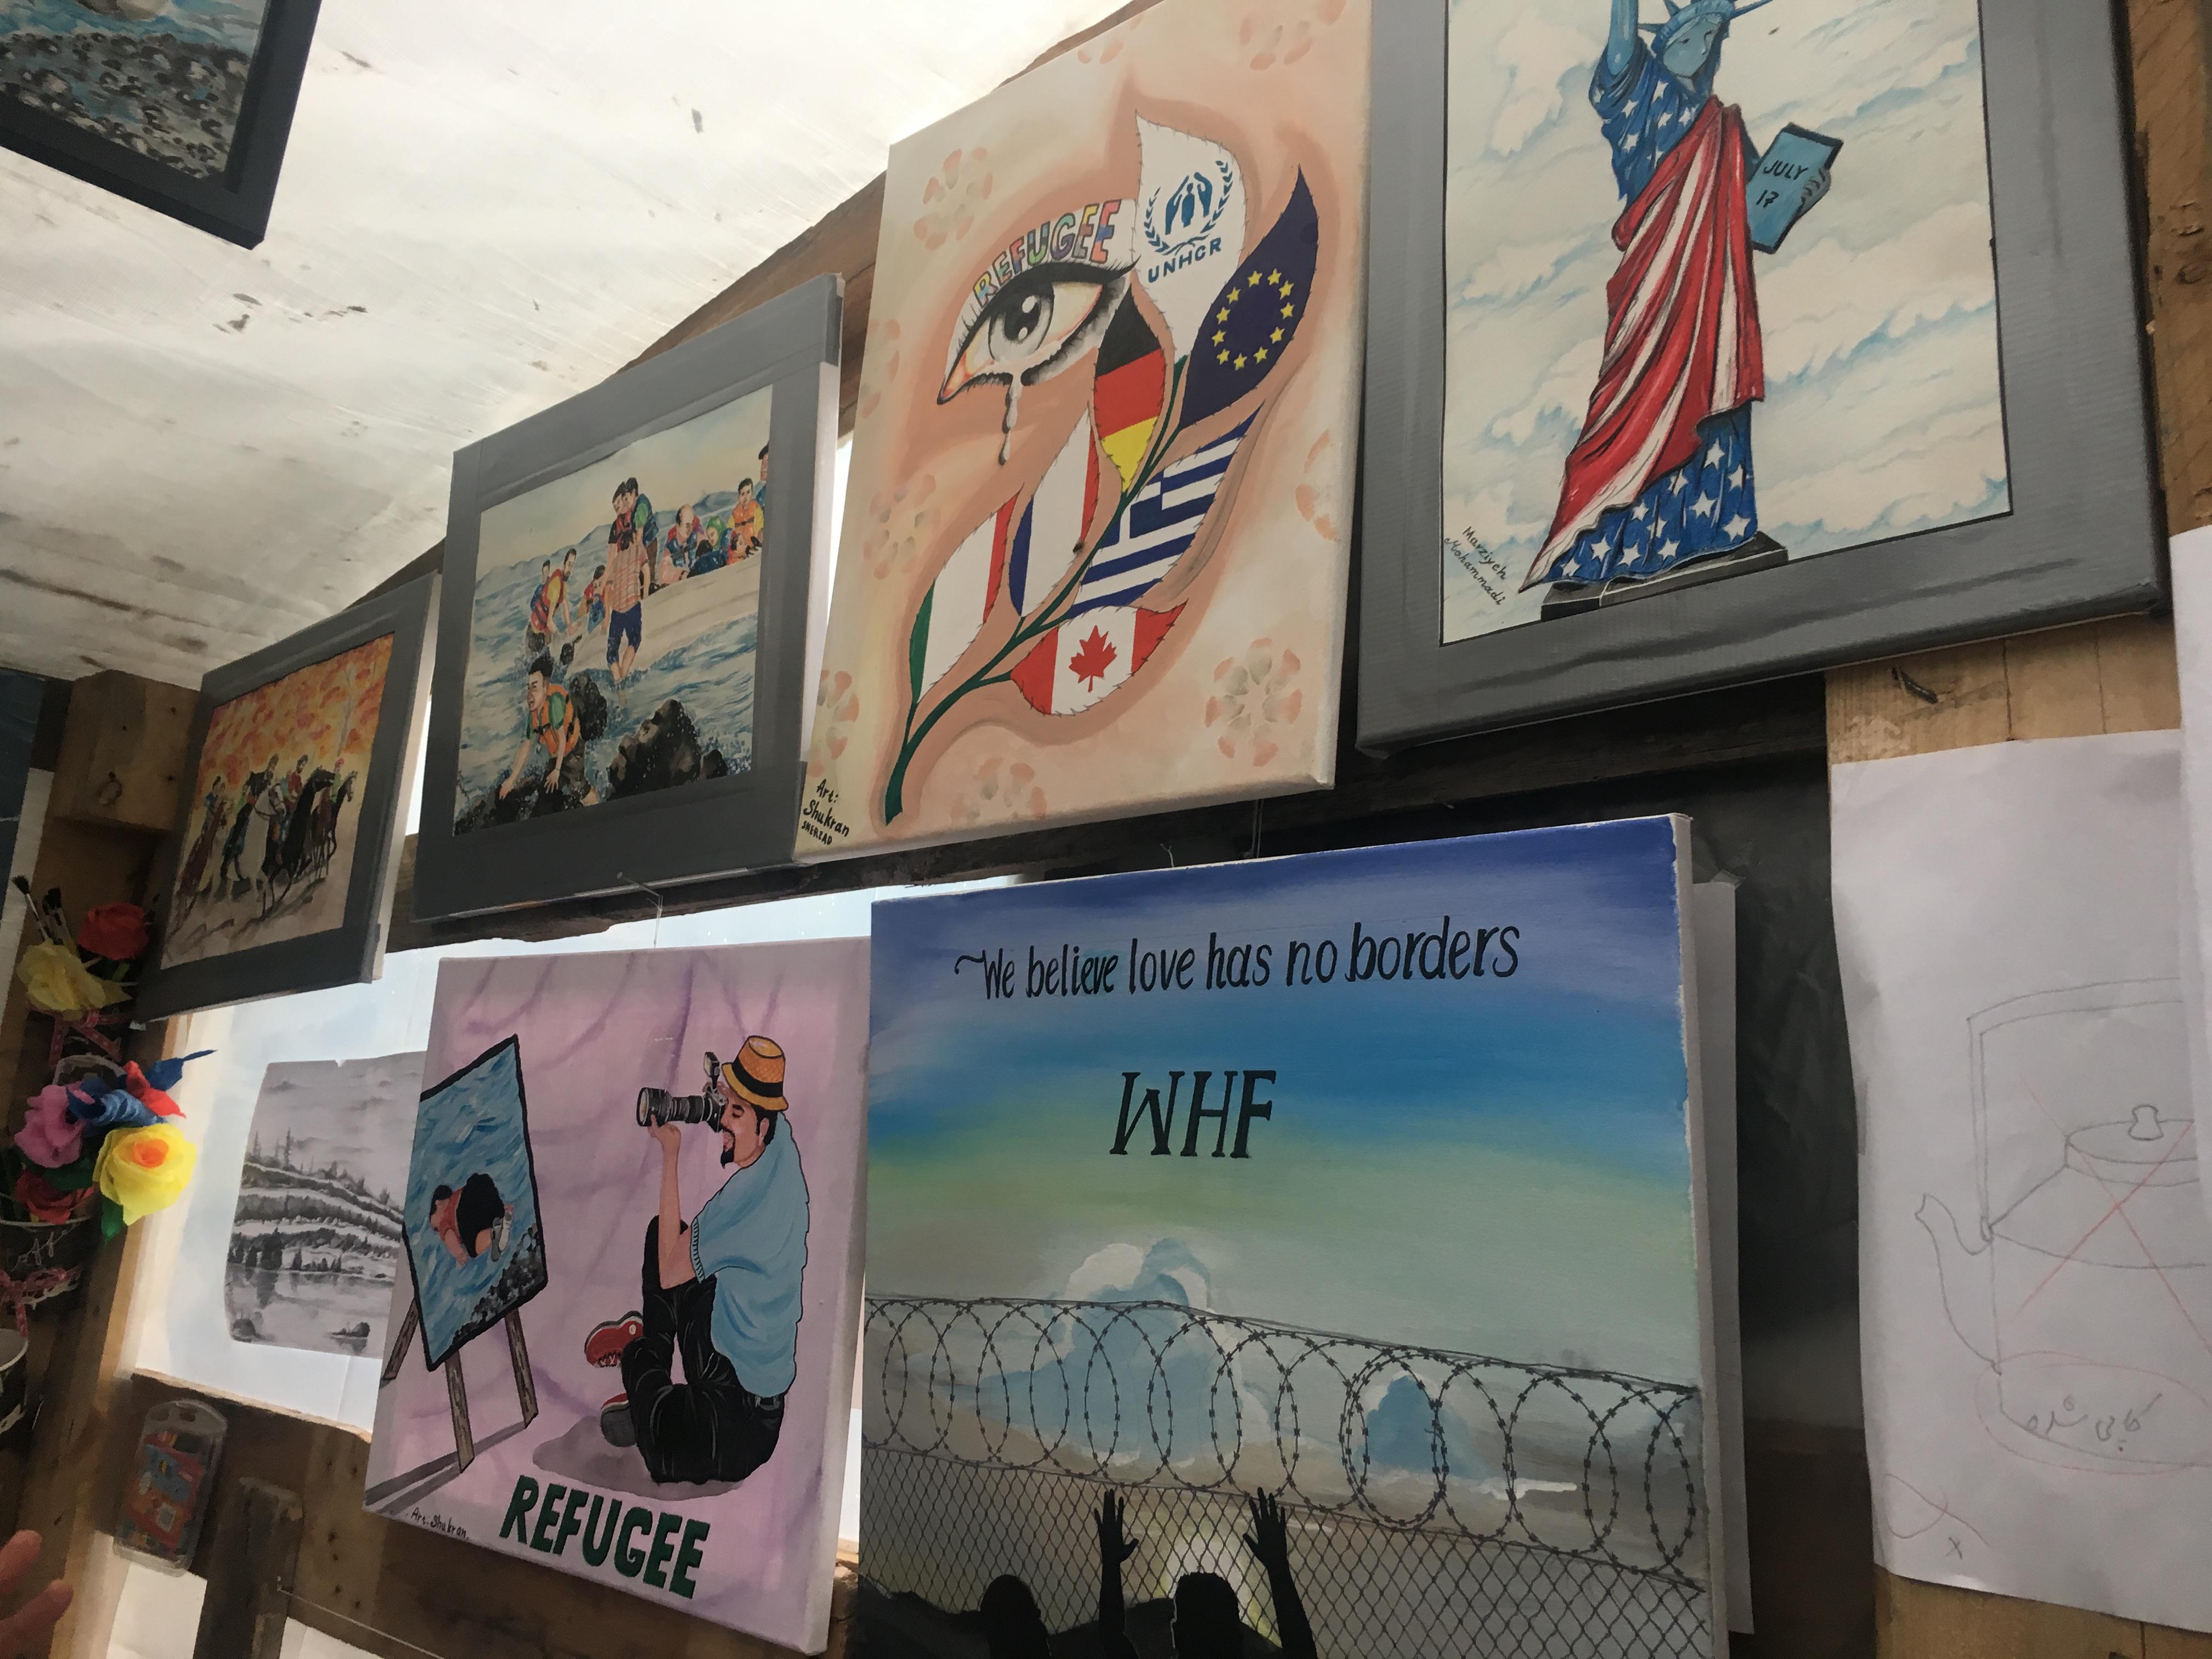 A wall of children's art work